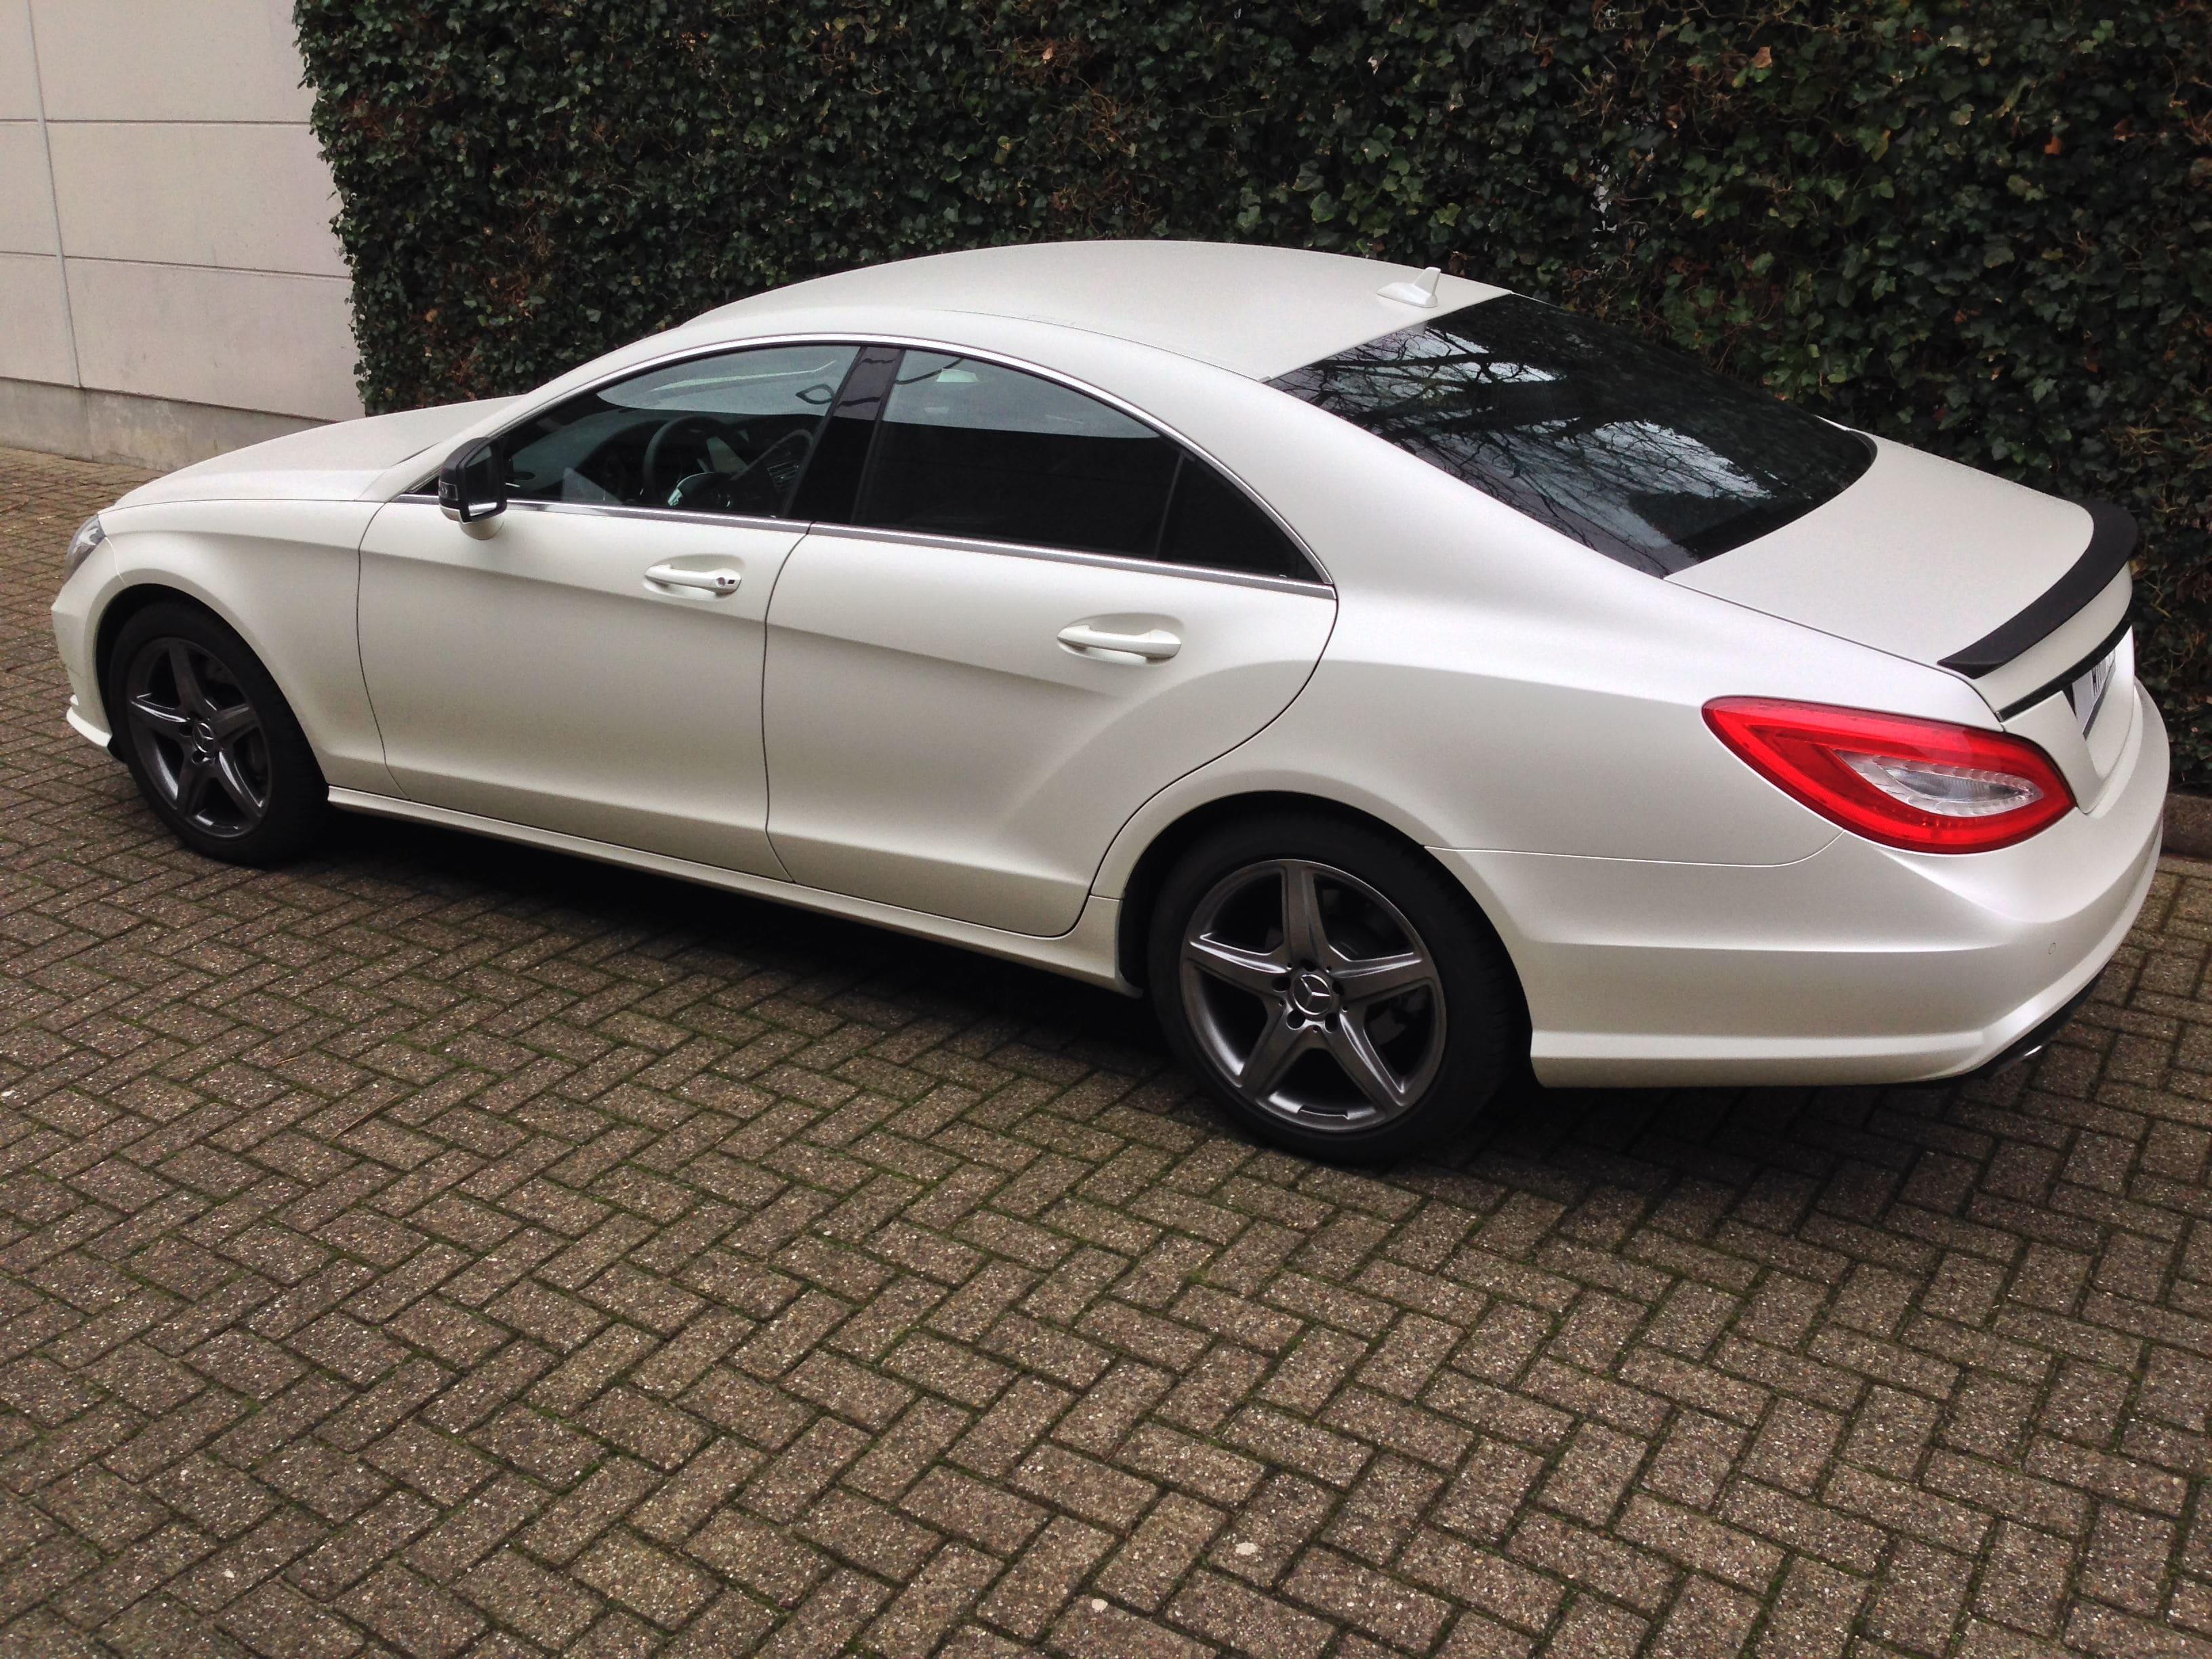 Mercedes CLS met White Satin Pearl Wrap, Carwrapping door Wrapmyride.nu Foto-nr:6217, ©2021